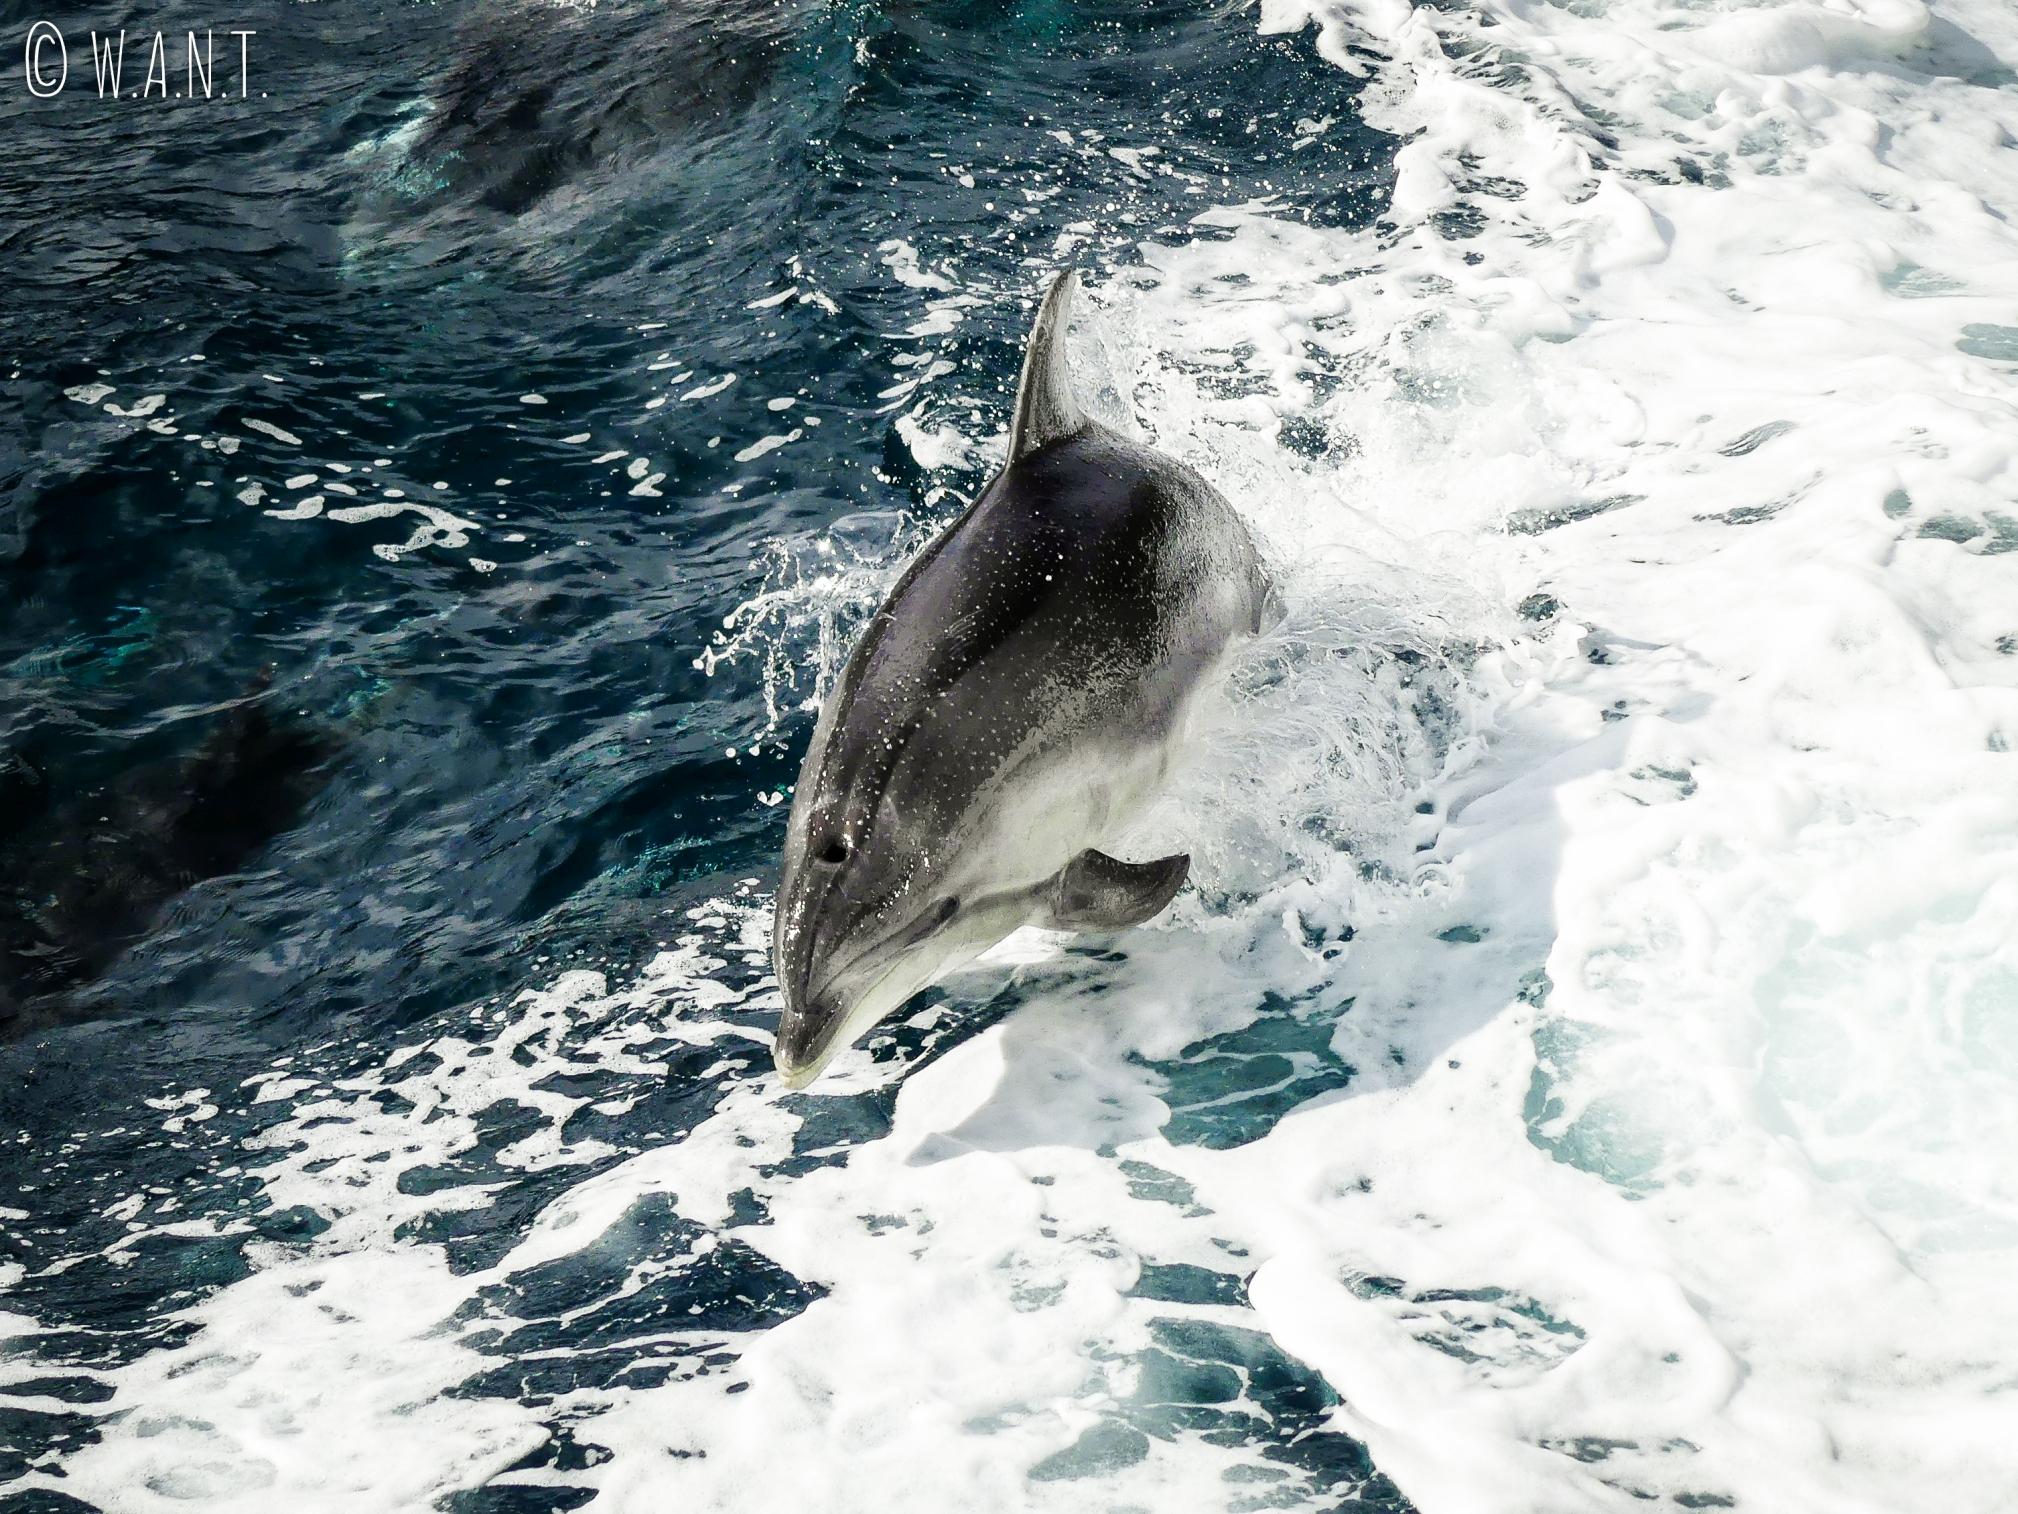 Magnifique recontre durant notre croisière sur le Milford Sound en Nouvelle-Zélande